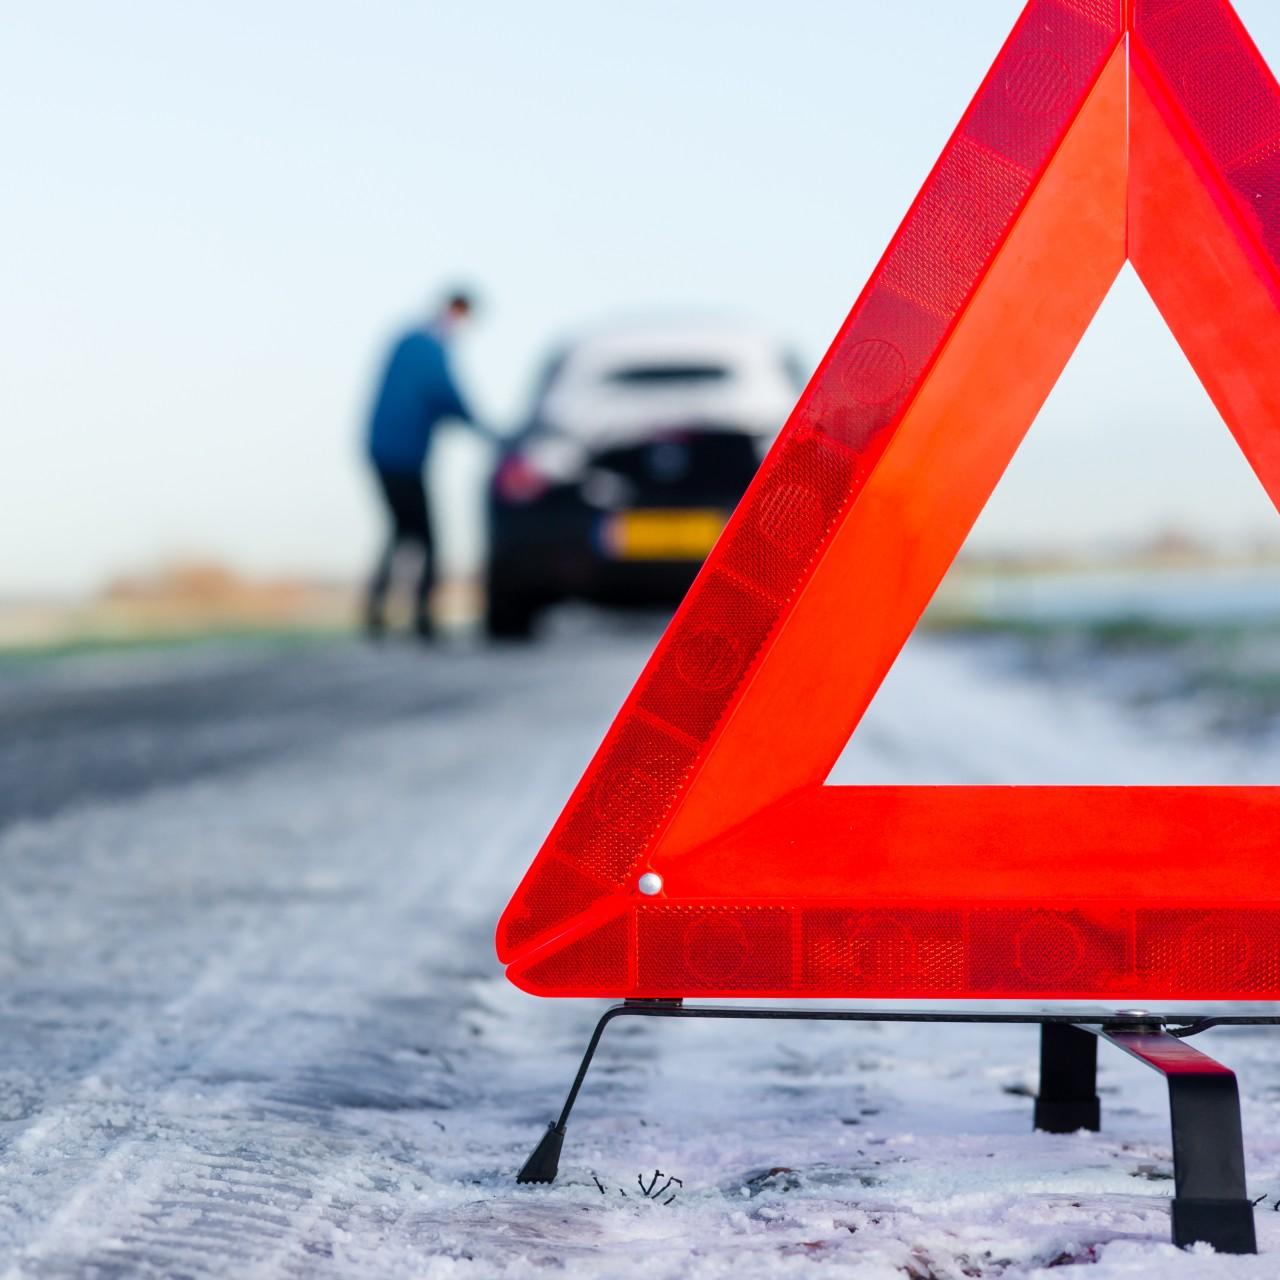 Niemiecka autostrada jest szybka, dlatego zapostój naniej – nawet zpowodu braku paliwa – jest zabroniony.